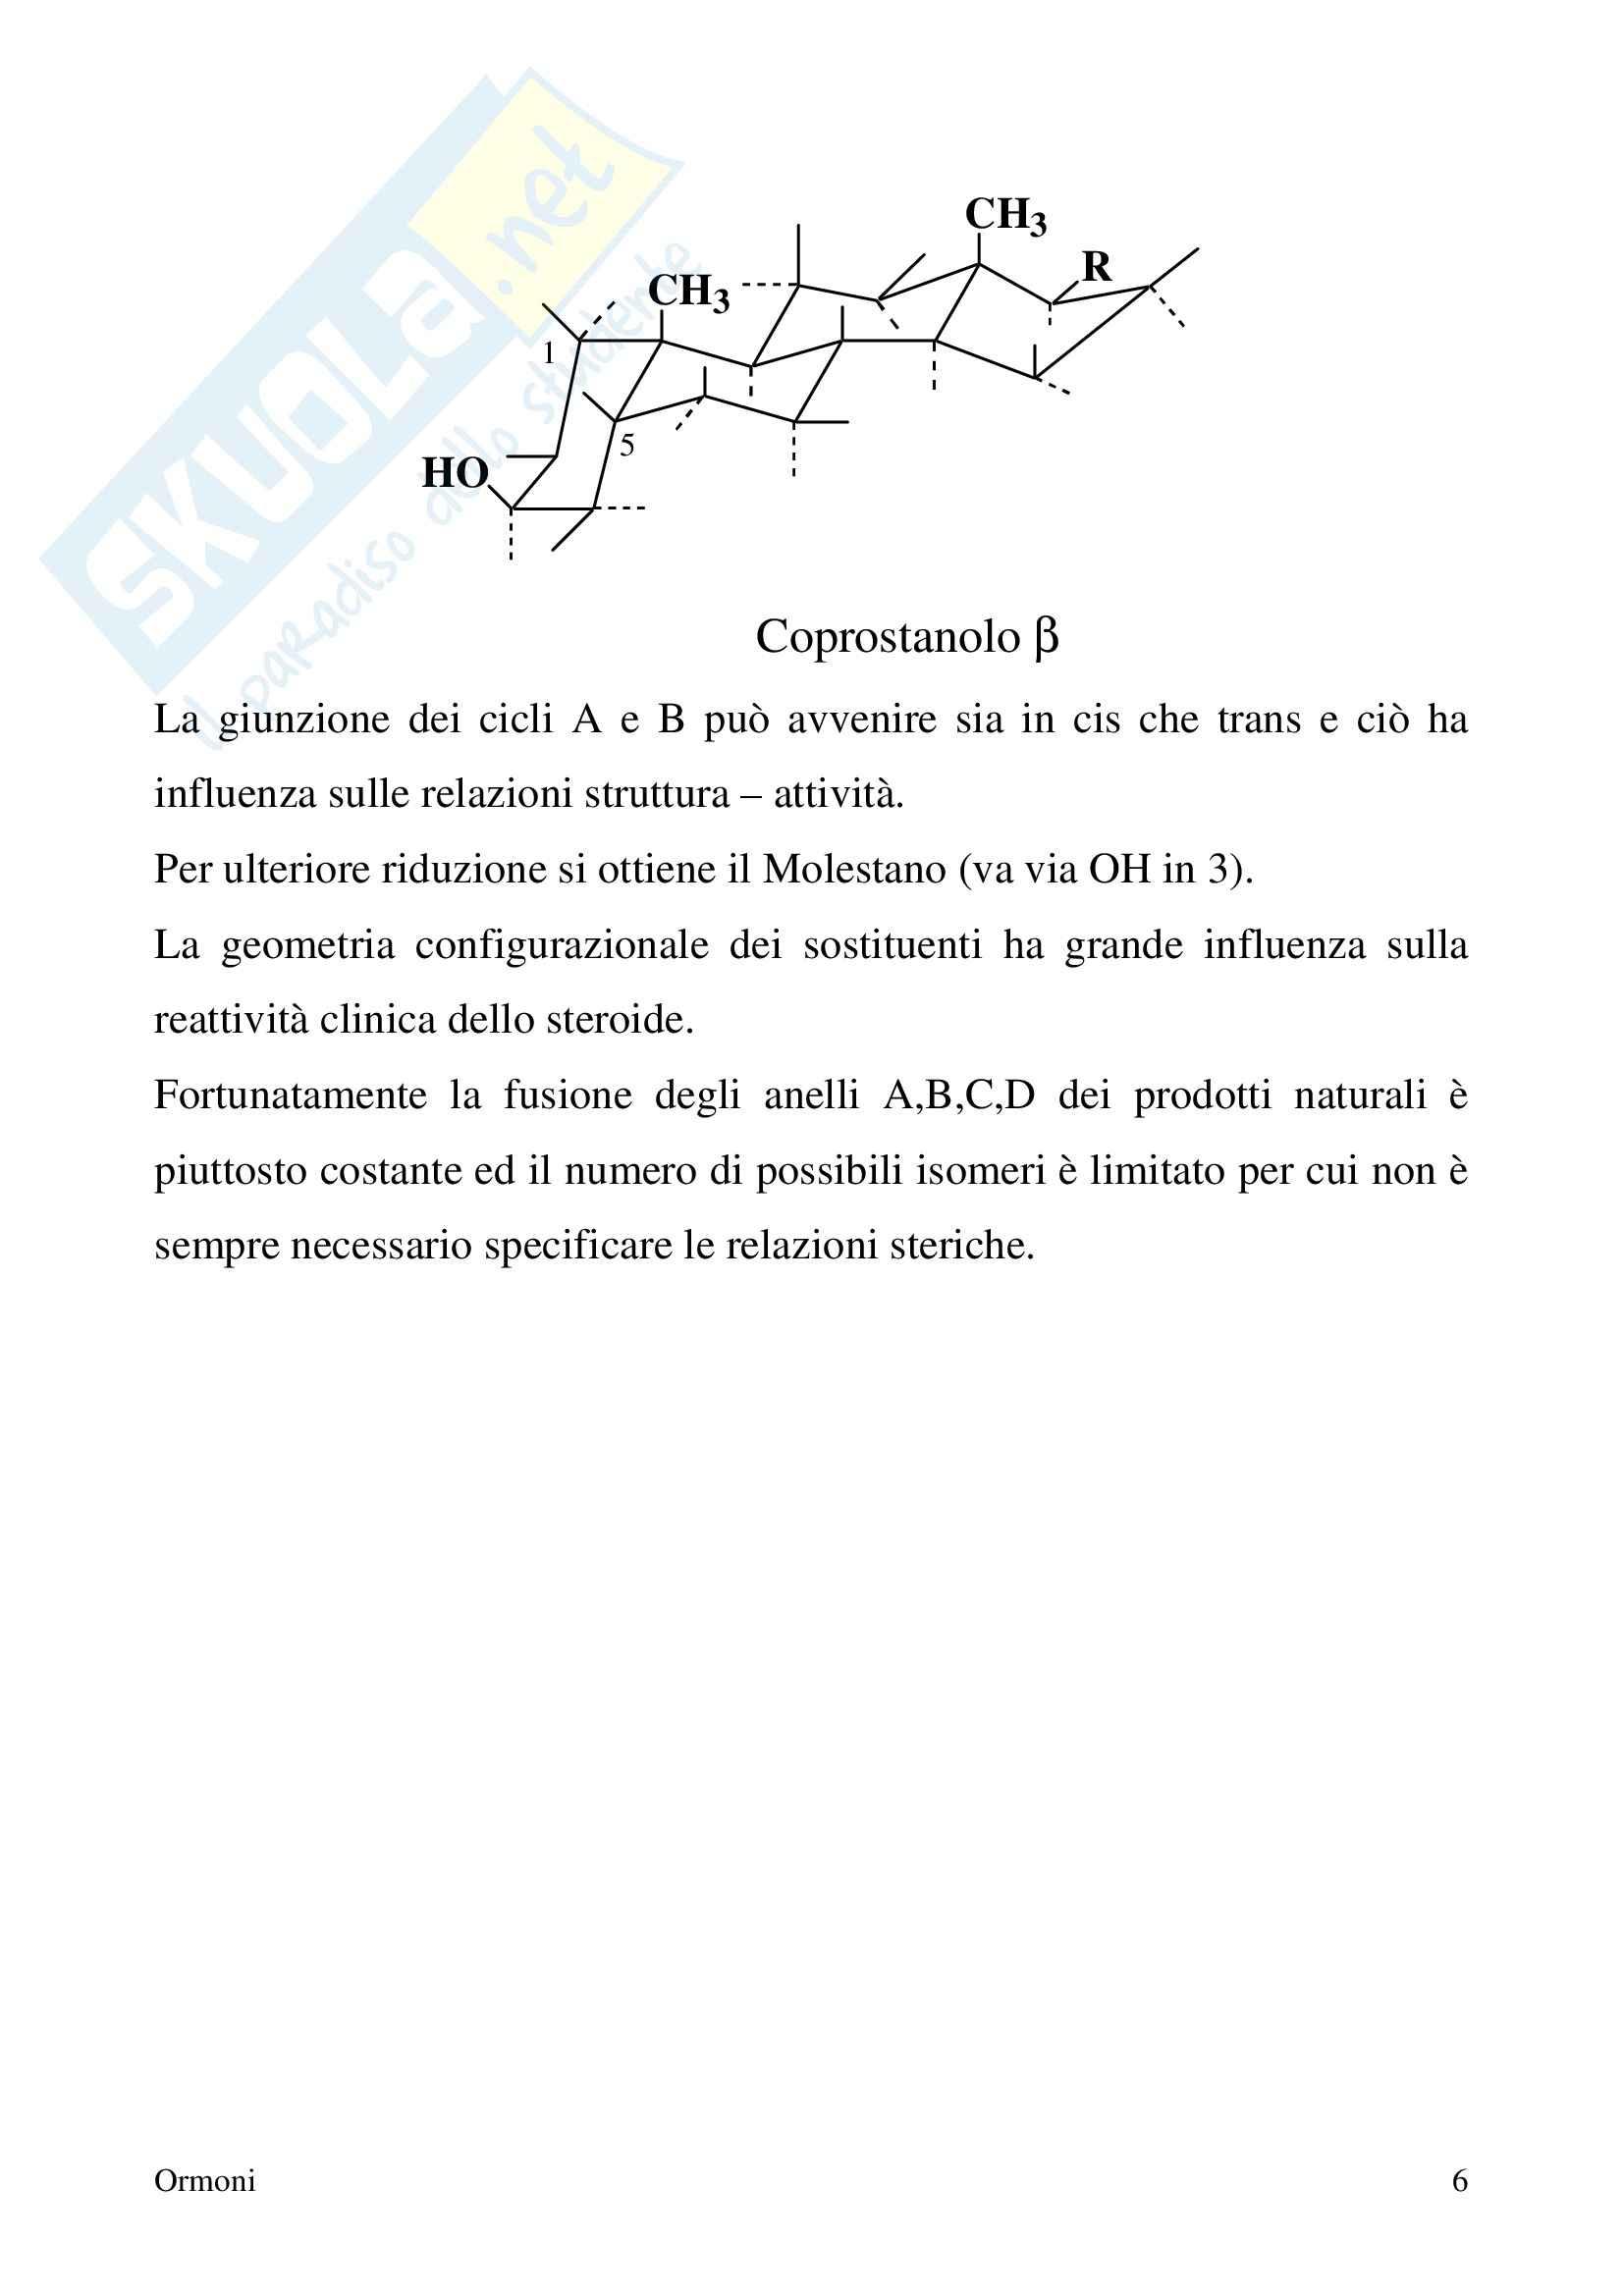 Chimica farmaceutica - ormoni Pag. 6